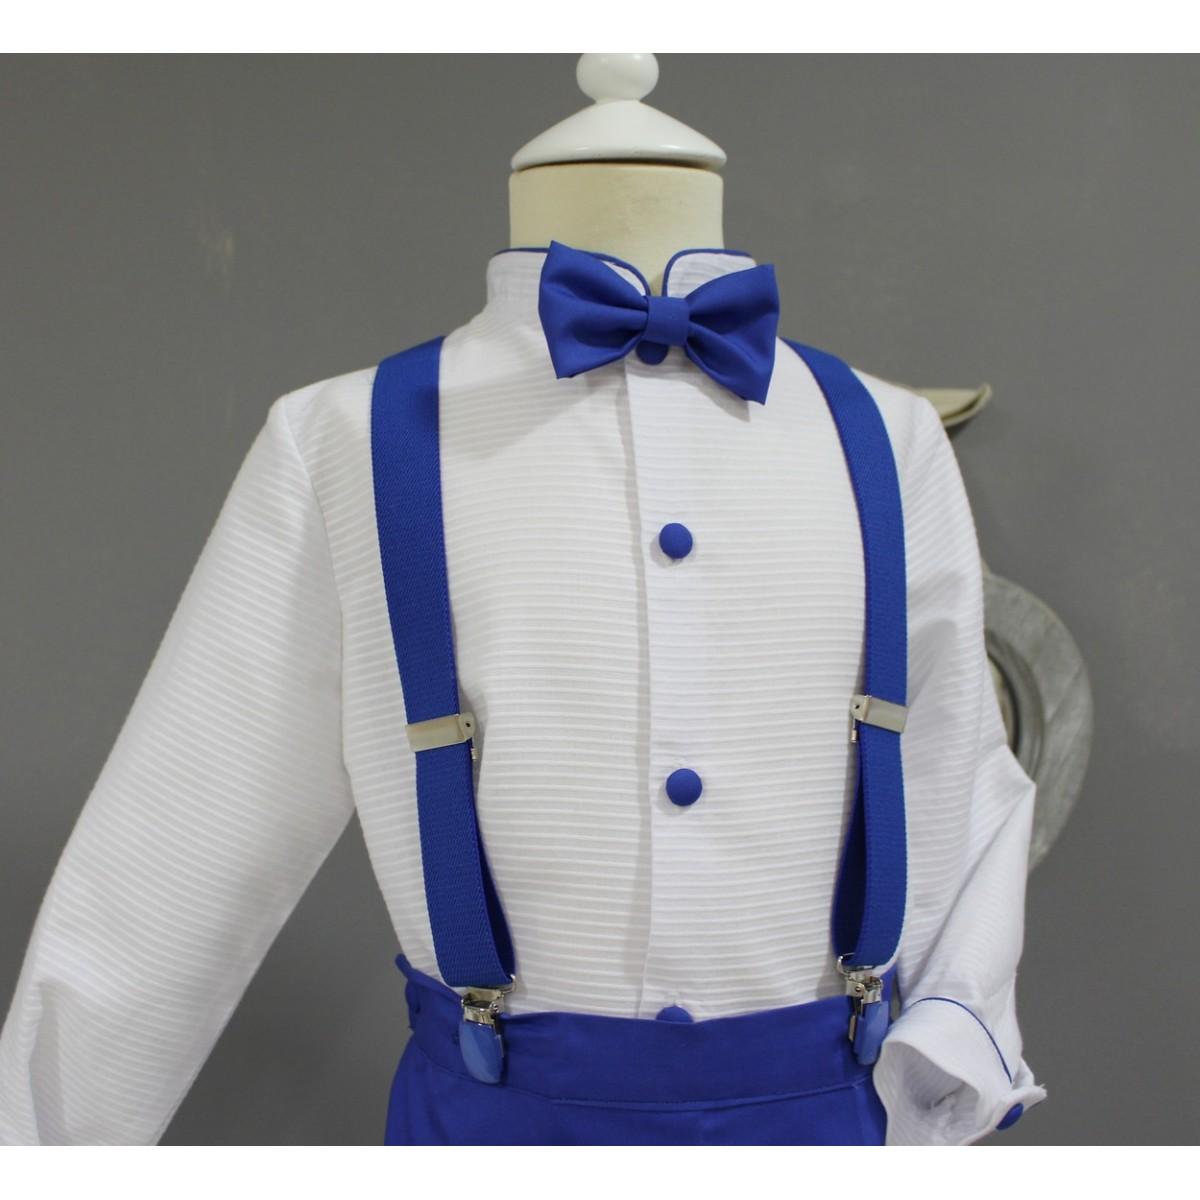 f6736a1fc Traje de niño para boda. Camisa blanca con pantalon azul eléctrico.  Tirantes y pajarita